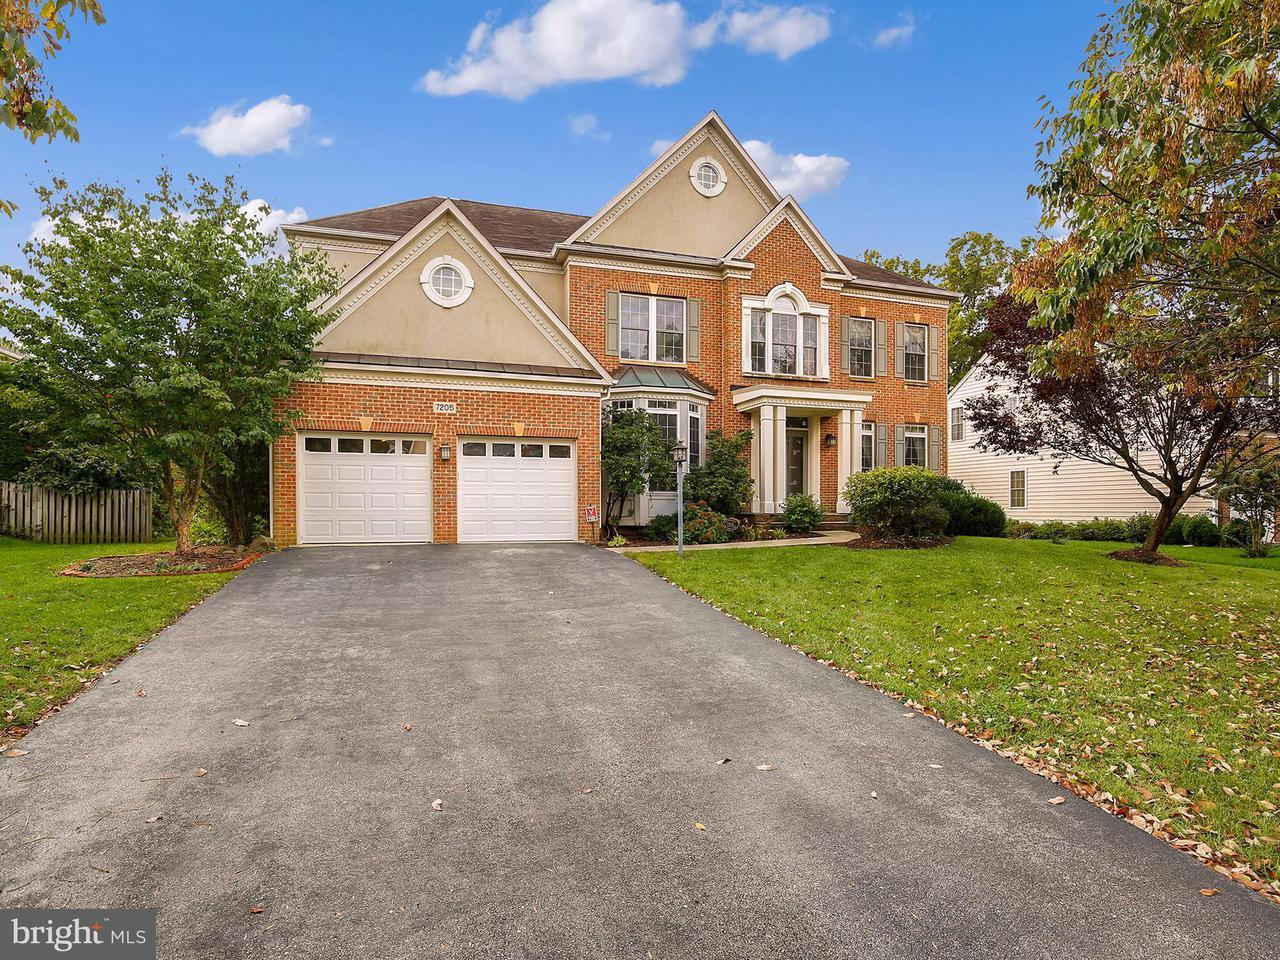 獨棟家庭住宅 為 出售 在 7205 HATTERBY Court 7205 HATTERBY Court Elkridge, 馬里蘭州 21075 美國